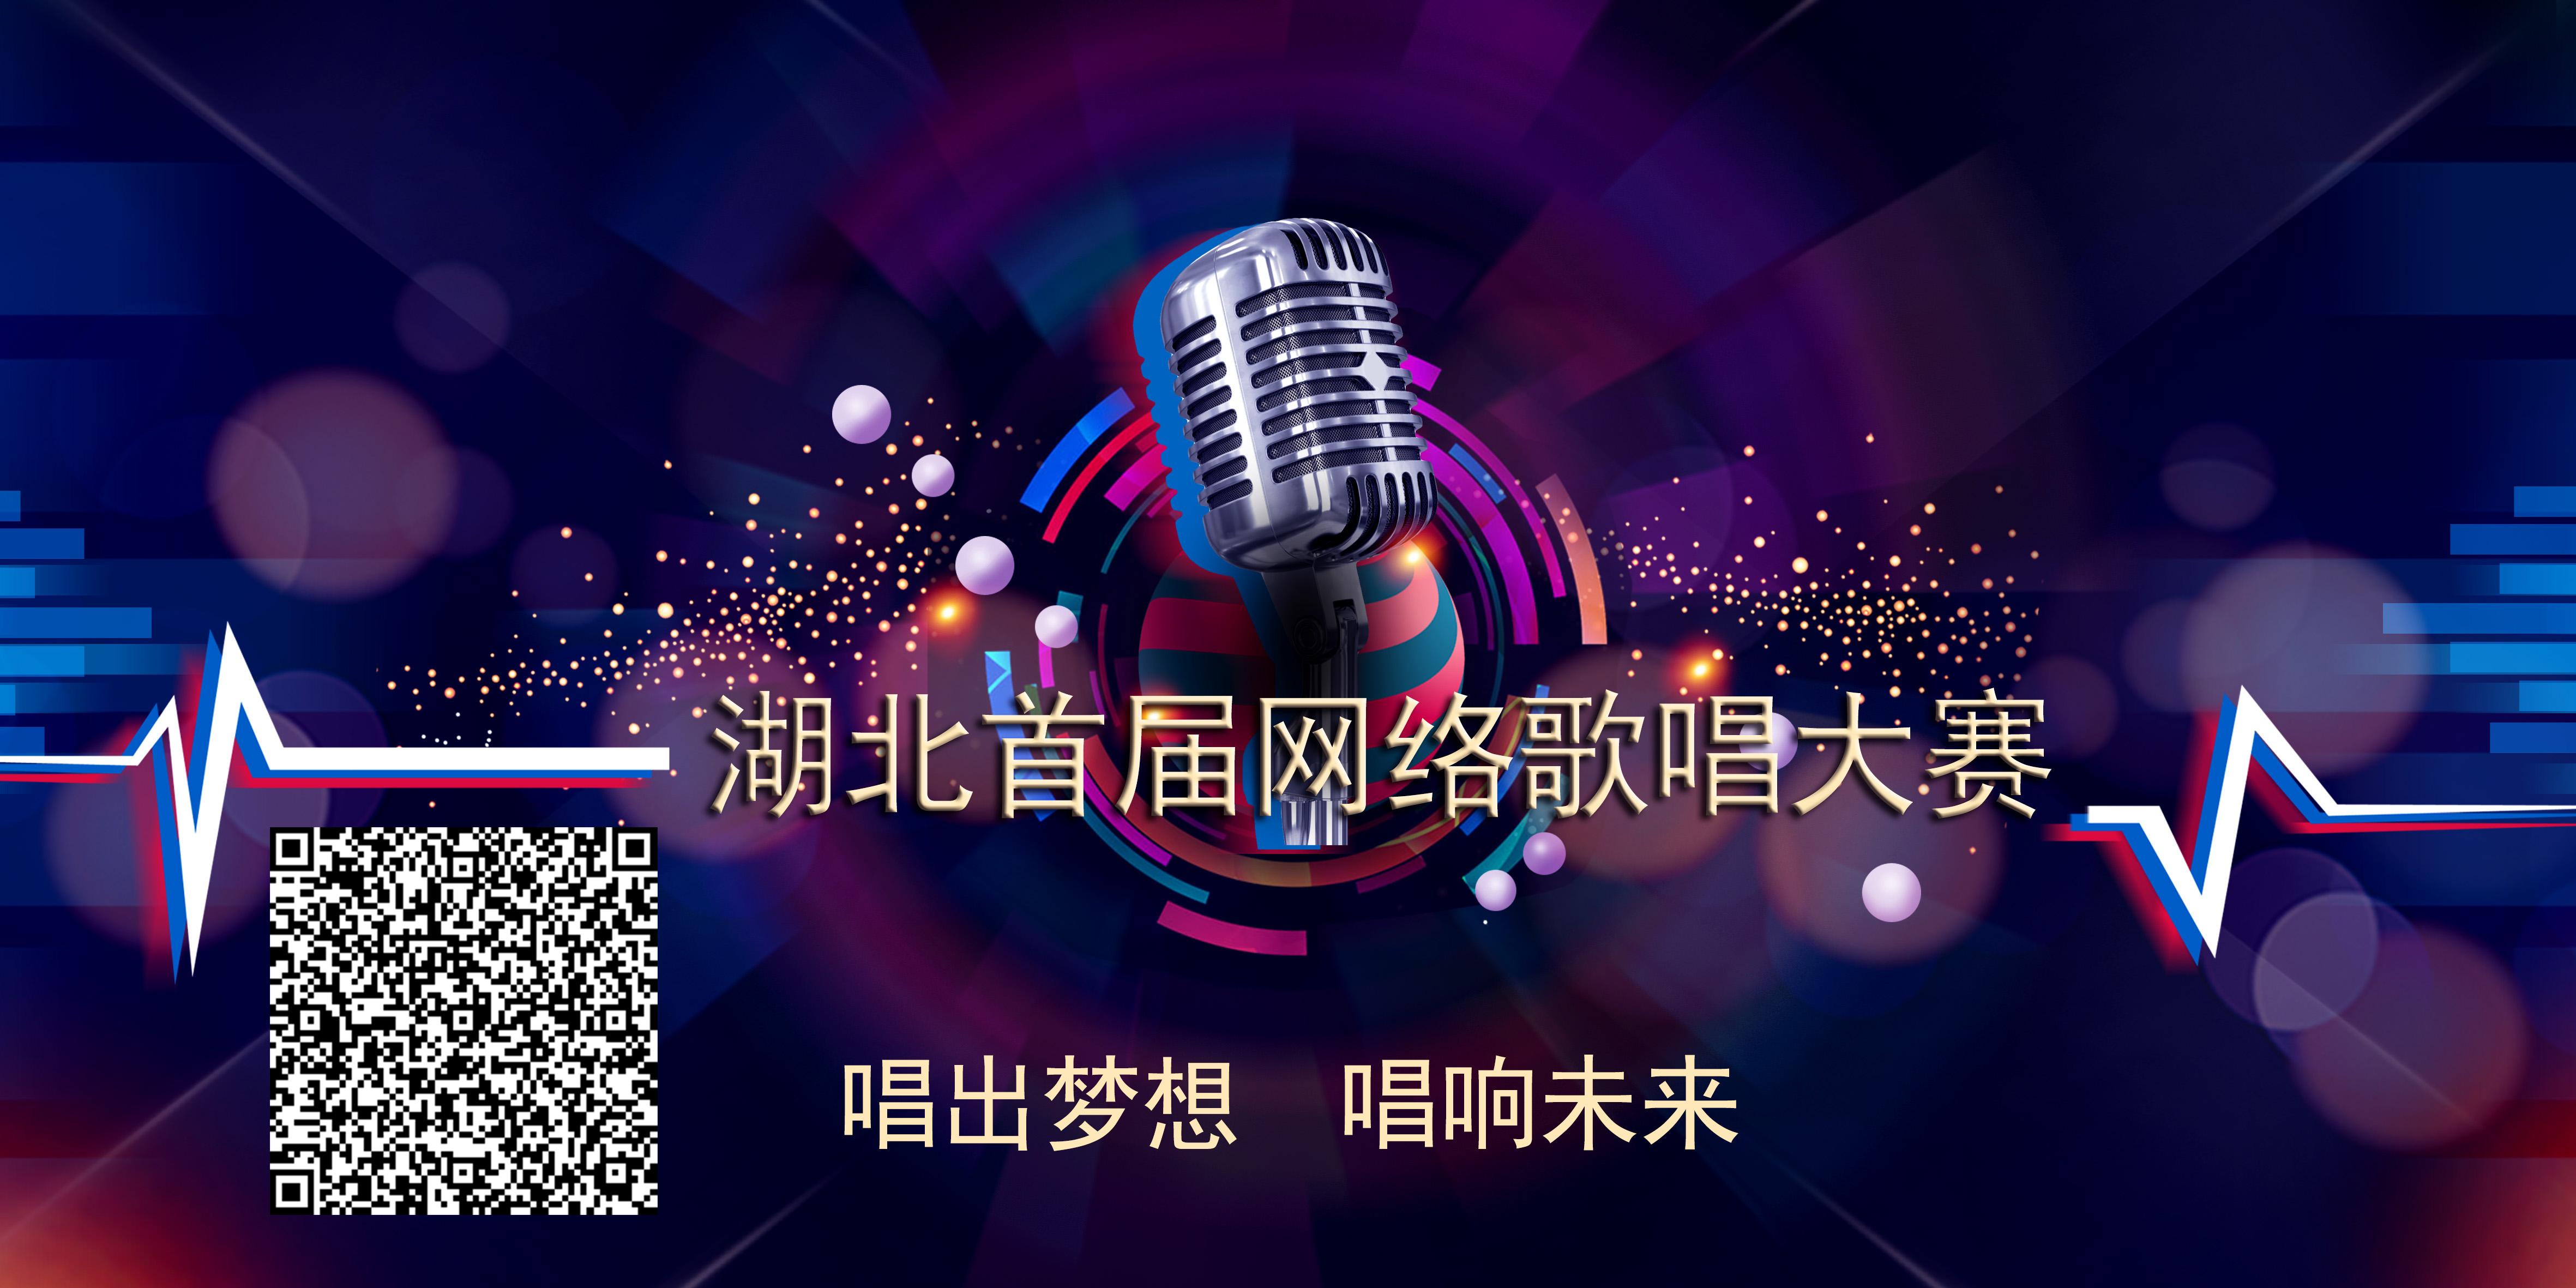 2019湖北首届网络歌唱大赛